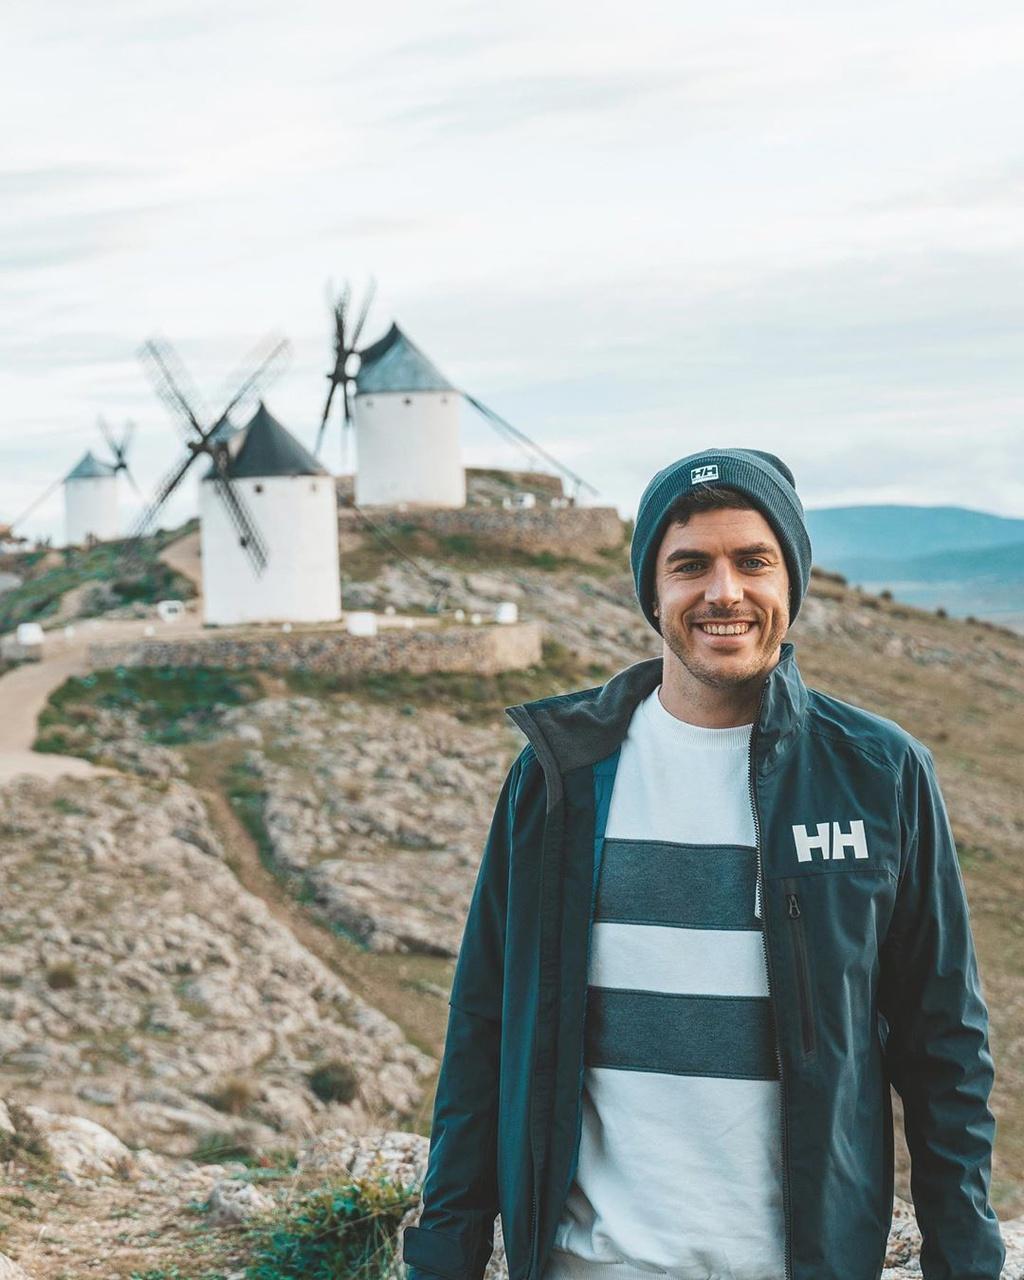 Thiên đường cối xay gió đẹp như tranh vẽ ở Tây Ban Nha Ảnh 1